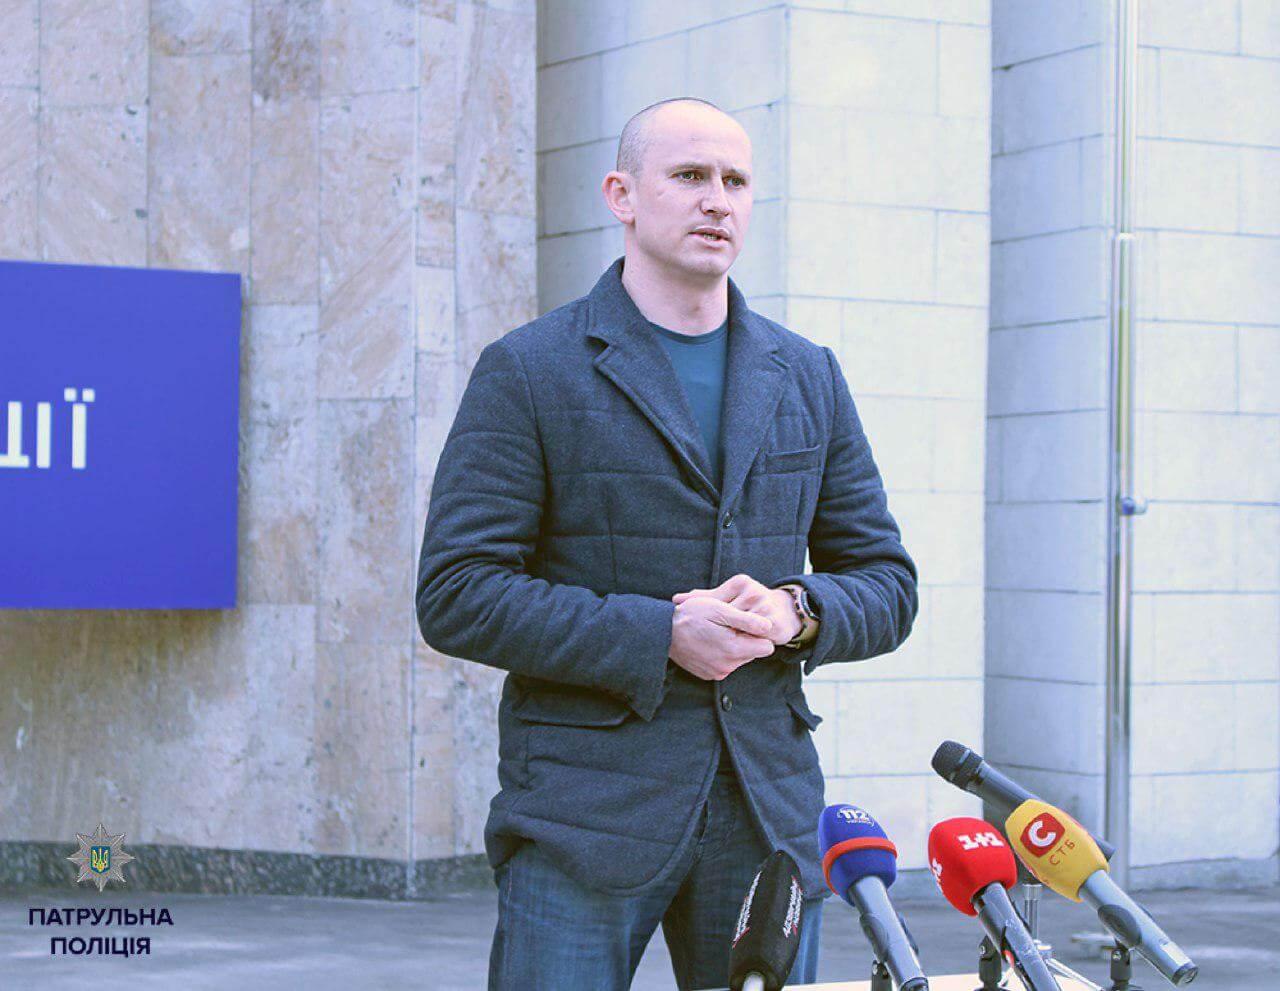 Глава Департамента патрульной полиции прокомментировал наезд на пешехода полицейским авто 1